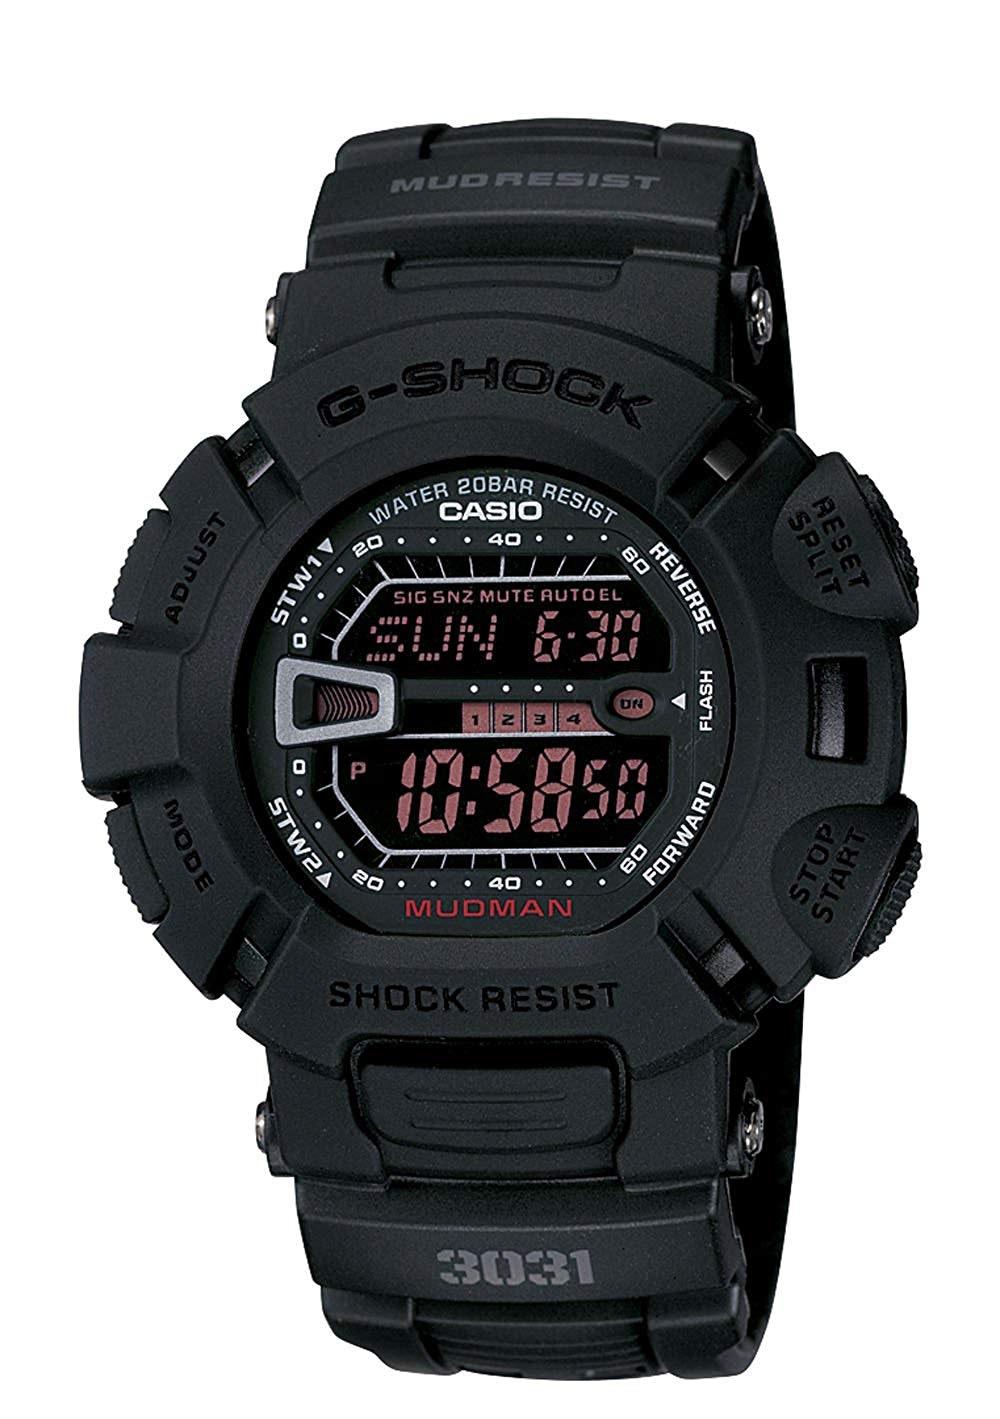 Casio G-Shock G9000MS-1